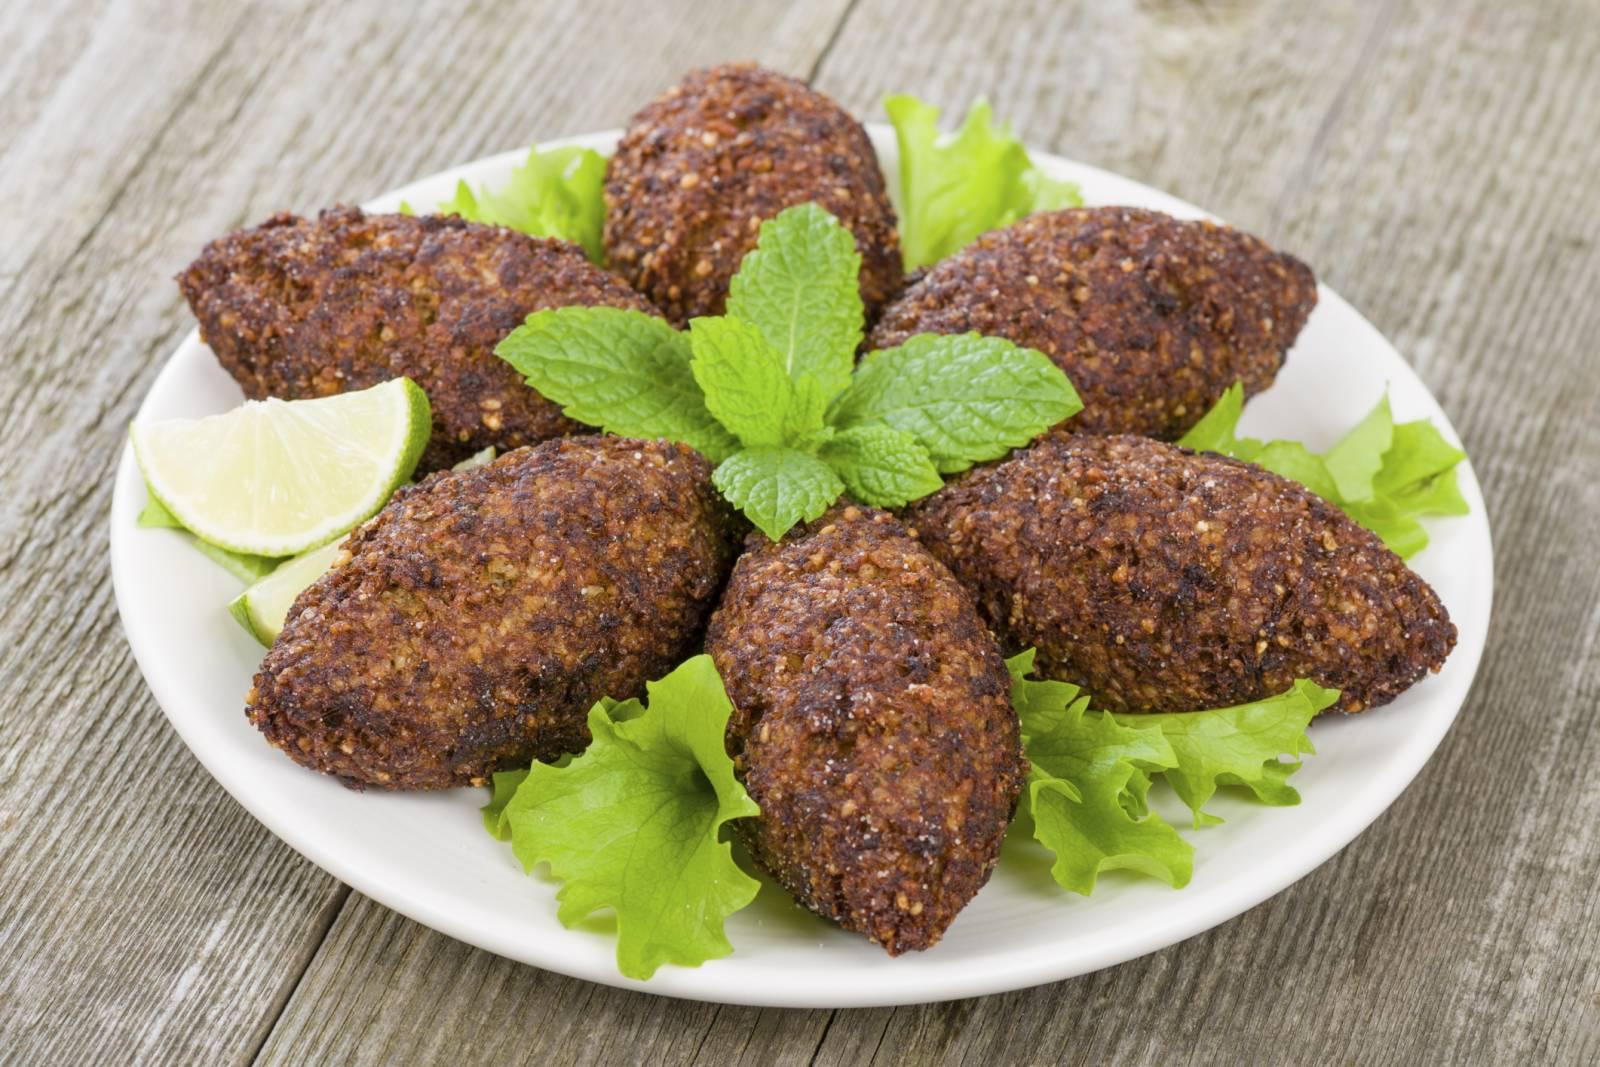 hummus moussaka fattoush kibbeh quella libanese una cucina tutta da scoprire incredibilmente ricca e varia